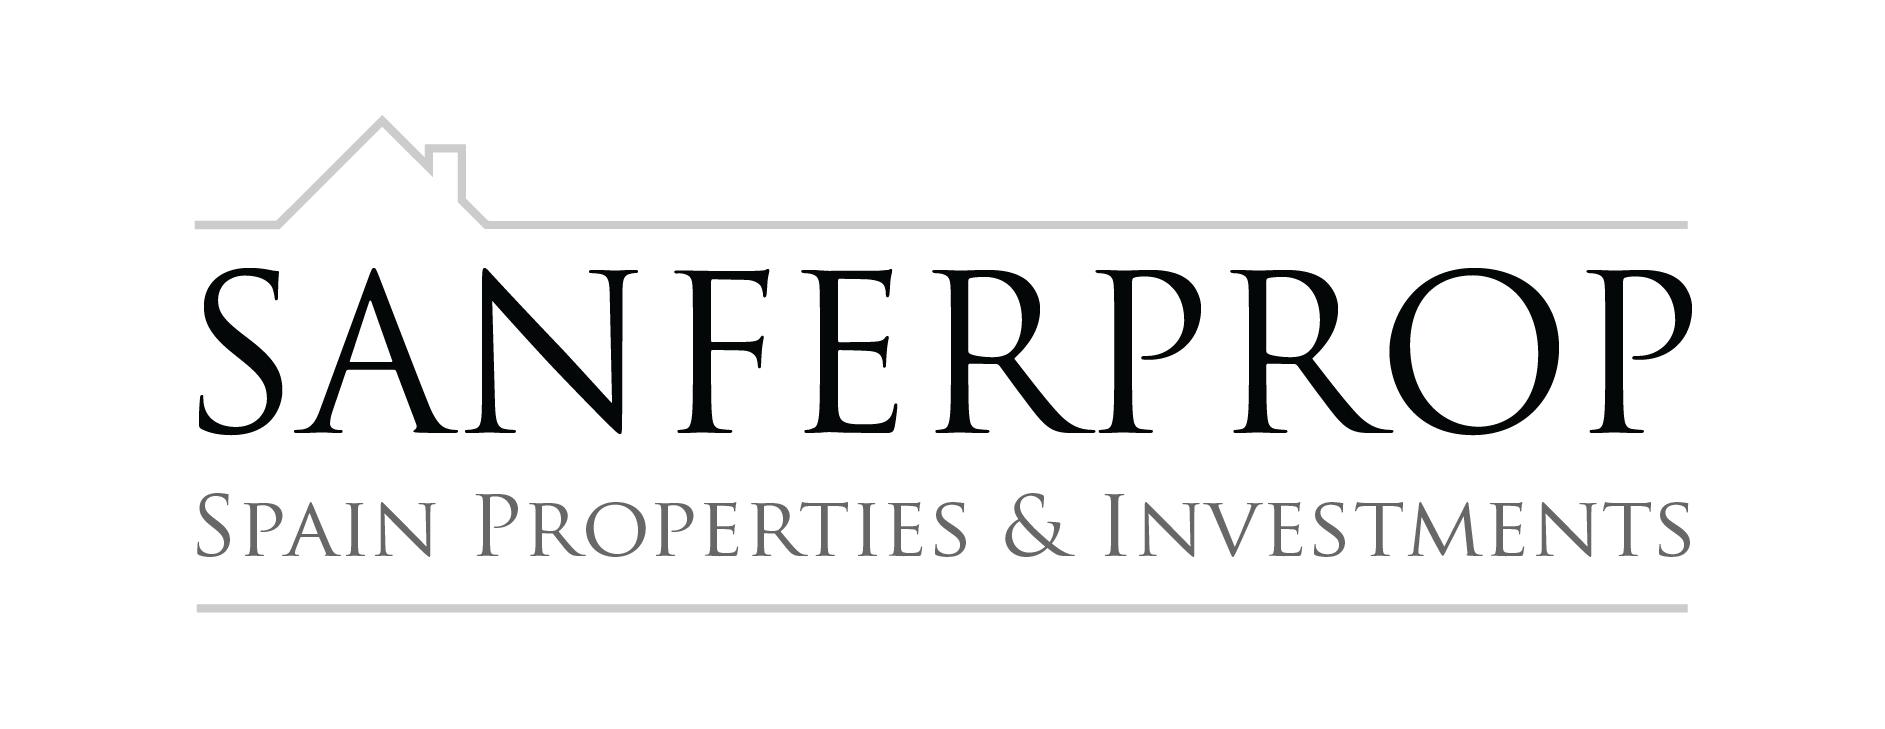 SanferProp - Asesor inmobiliario